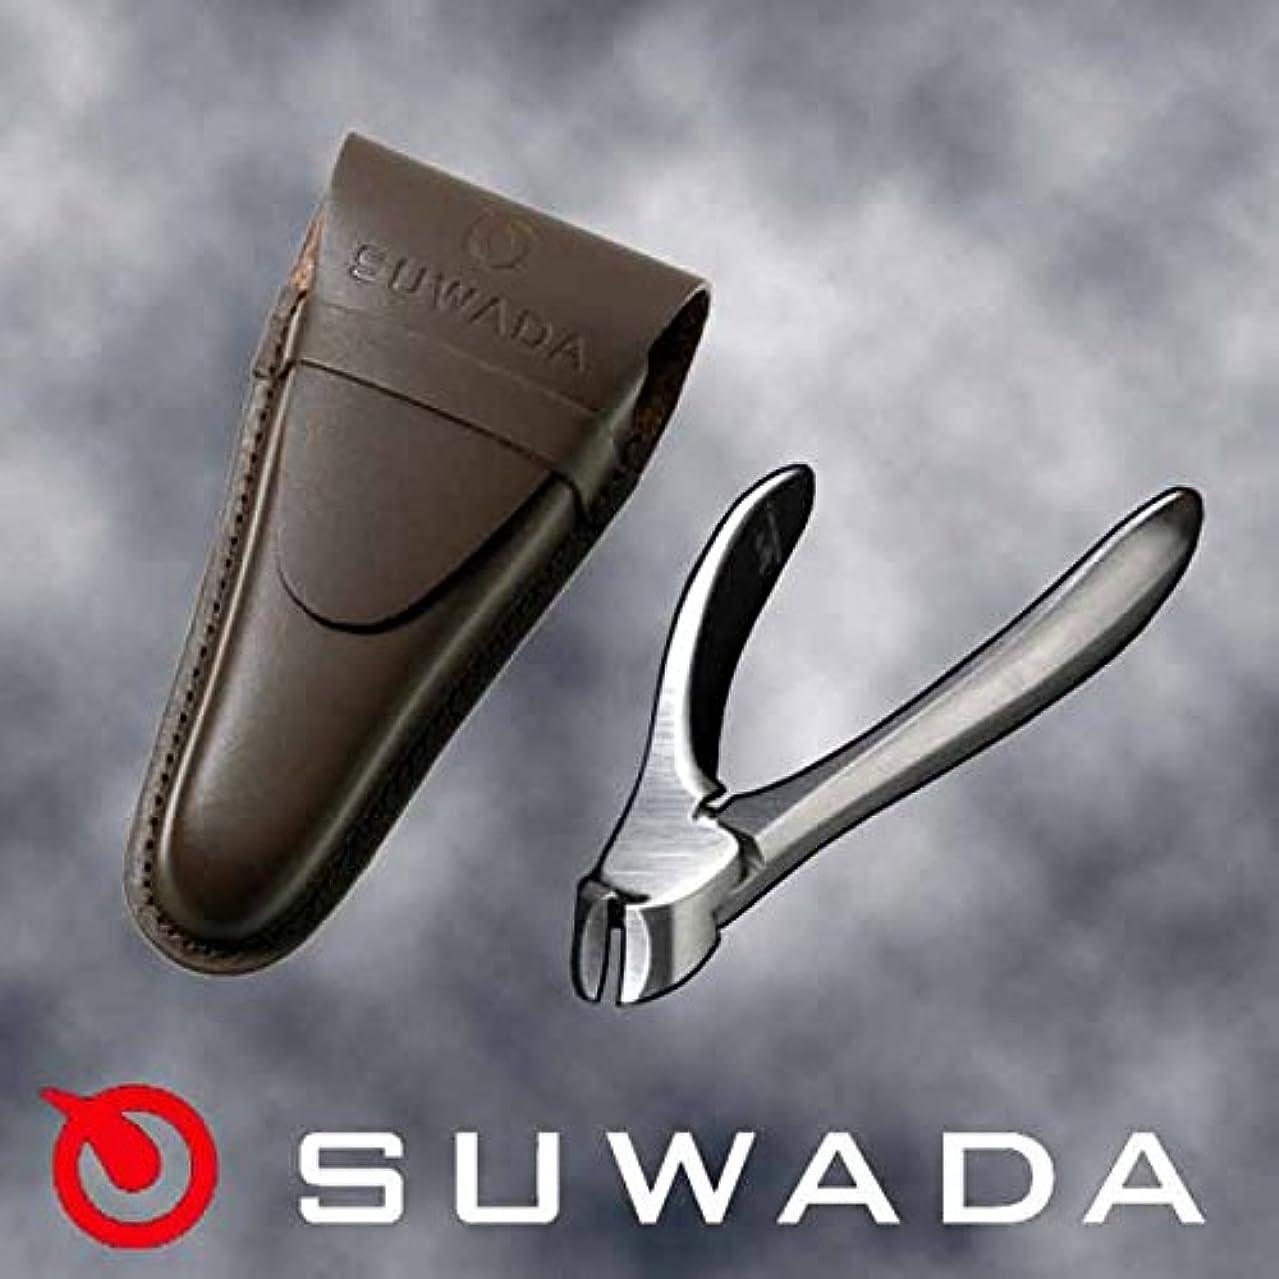 鑑定こっそり出口SUWADA爪切りクラシックベビー&ブラウン(茶)革ケースセット 特注モデル 諏訪田製作所製 スワダの爪切り